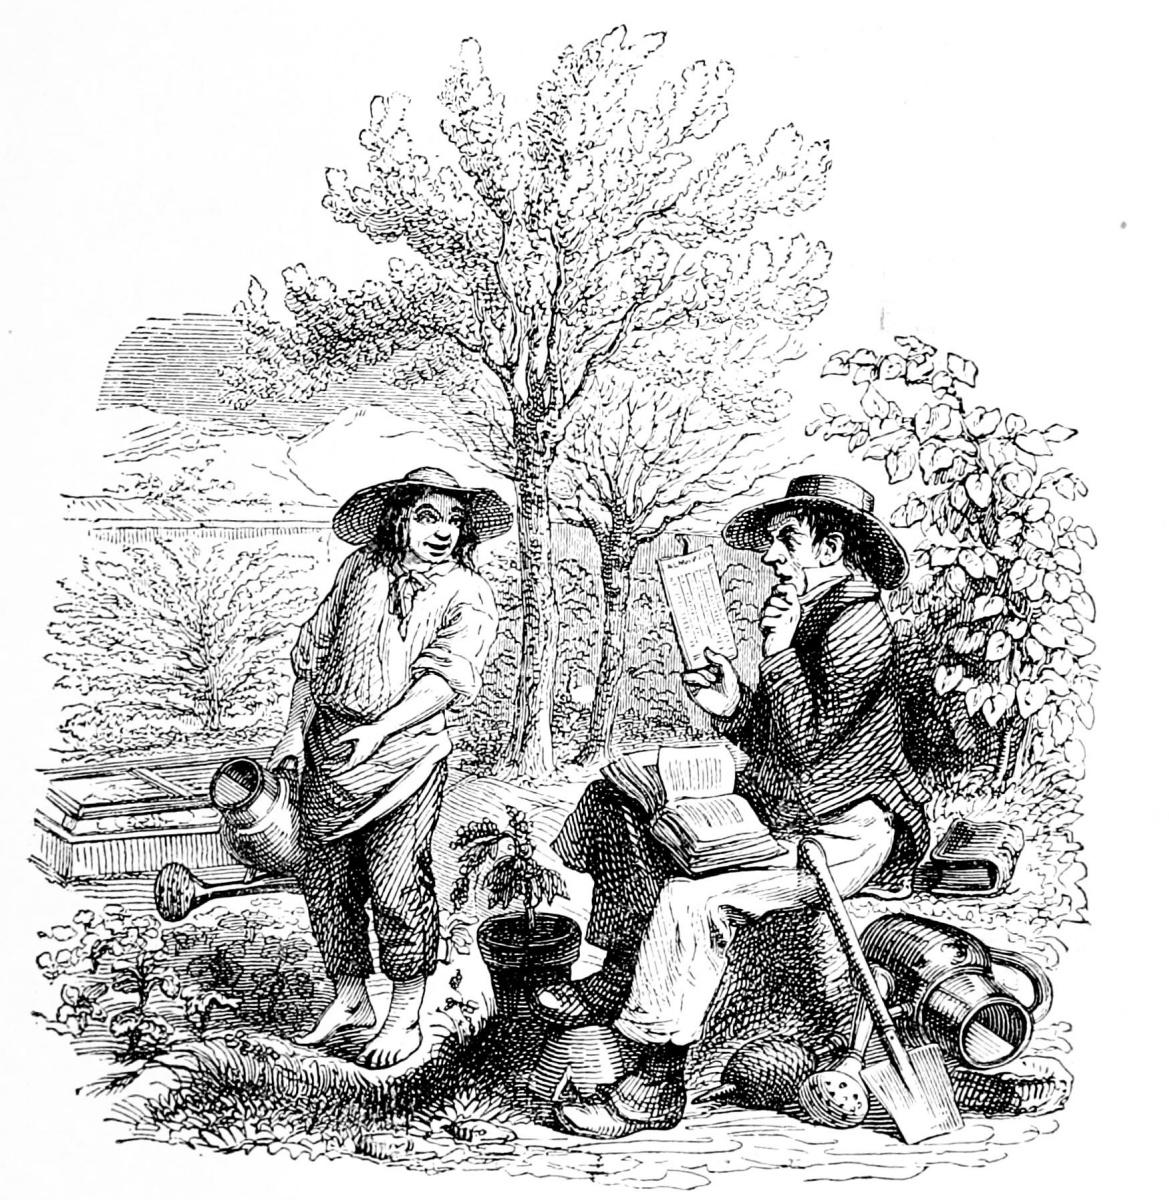 Жан Иньяс Изидор (Жерар) Гранвиль. Два садовника. Иллюстрации к басням Флориана